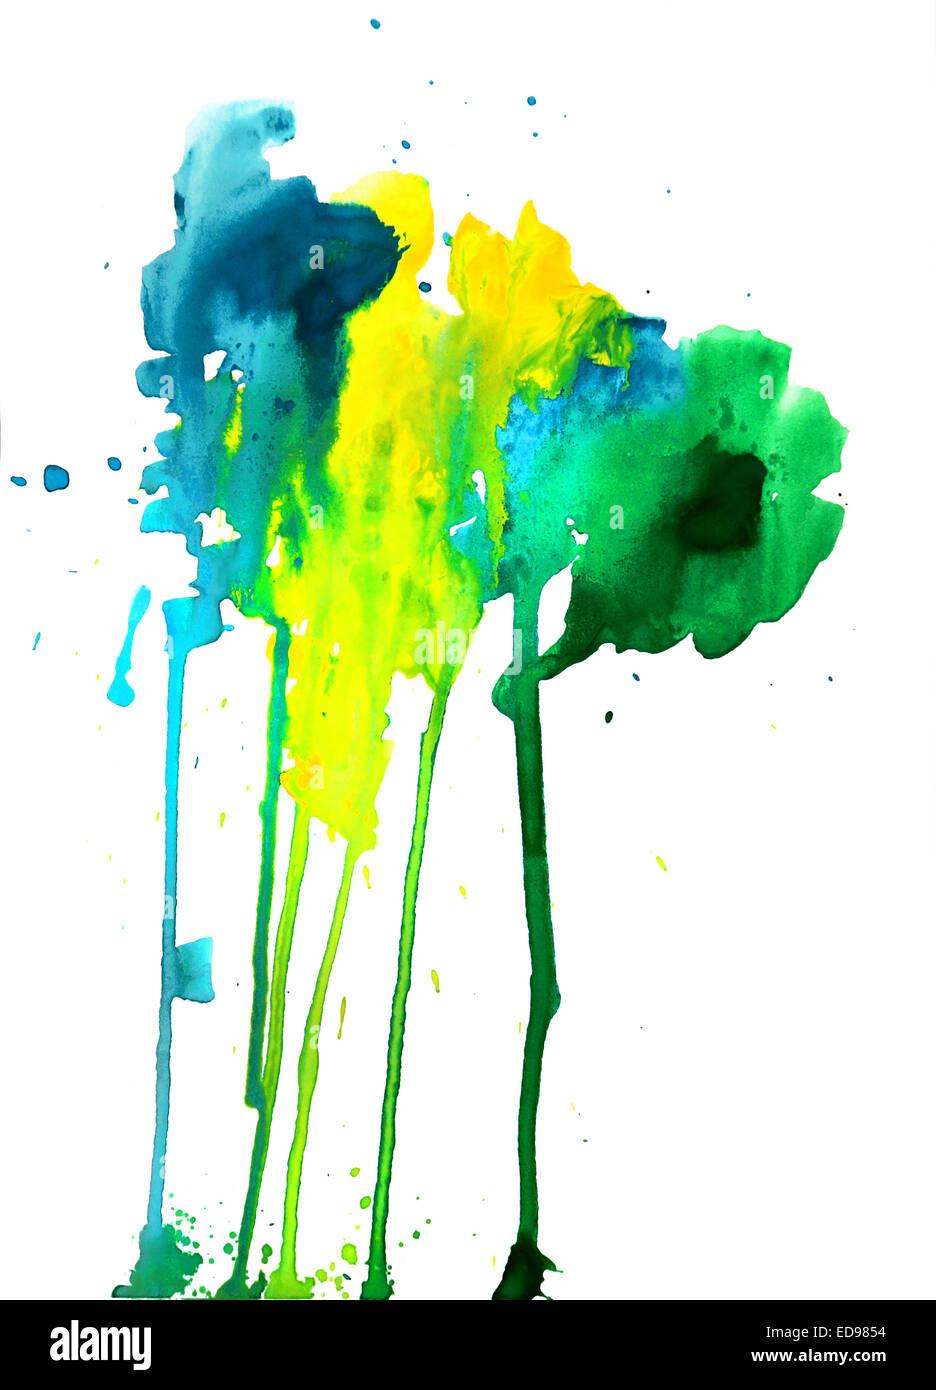 Abstract composizione di vernice Immagini Stock